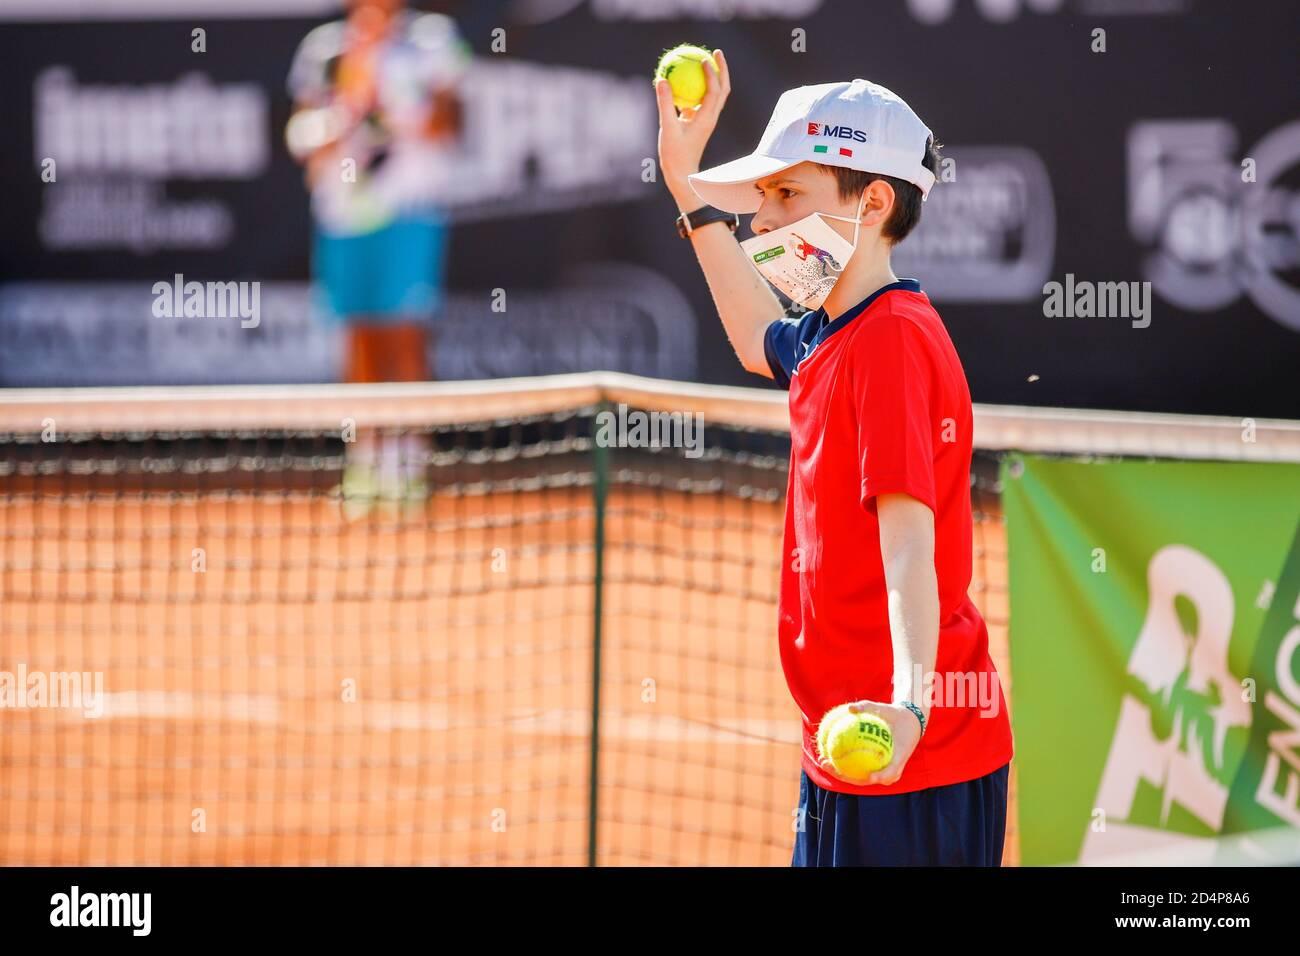 tp Challenger Parma, internazionali di tennis dell'Emilia Romagna, MEF Tennis Events durante ATP Challenger 125 - Internazionali Emilia Romagna, Tenni Foto de stock